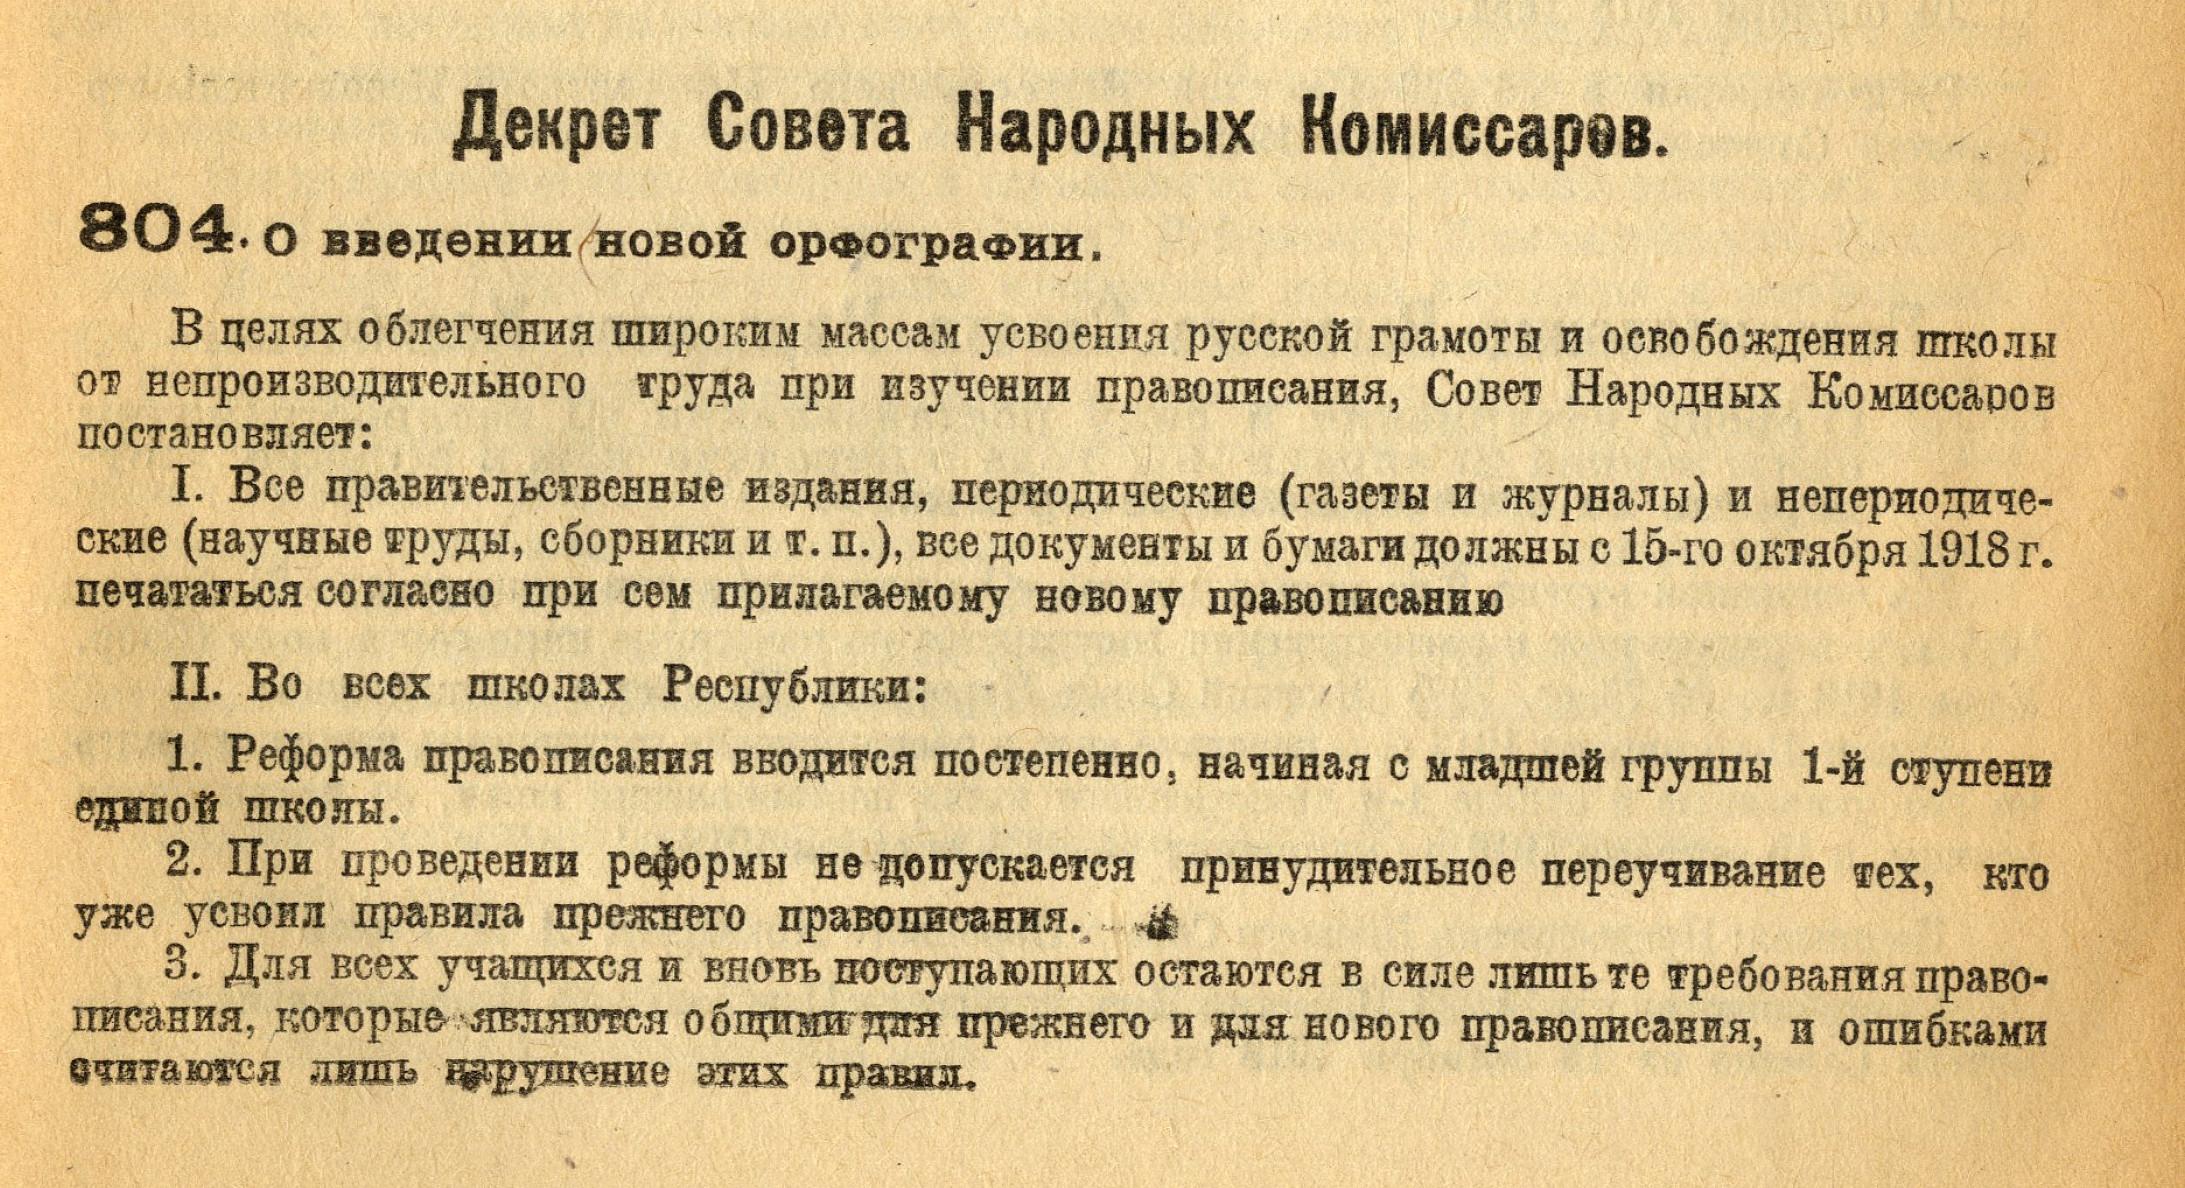 http://s2.uploads.ru/J4R2K.jpg